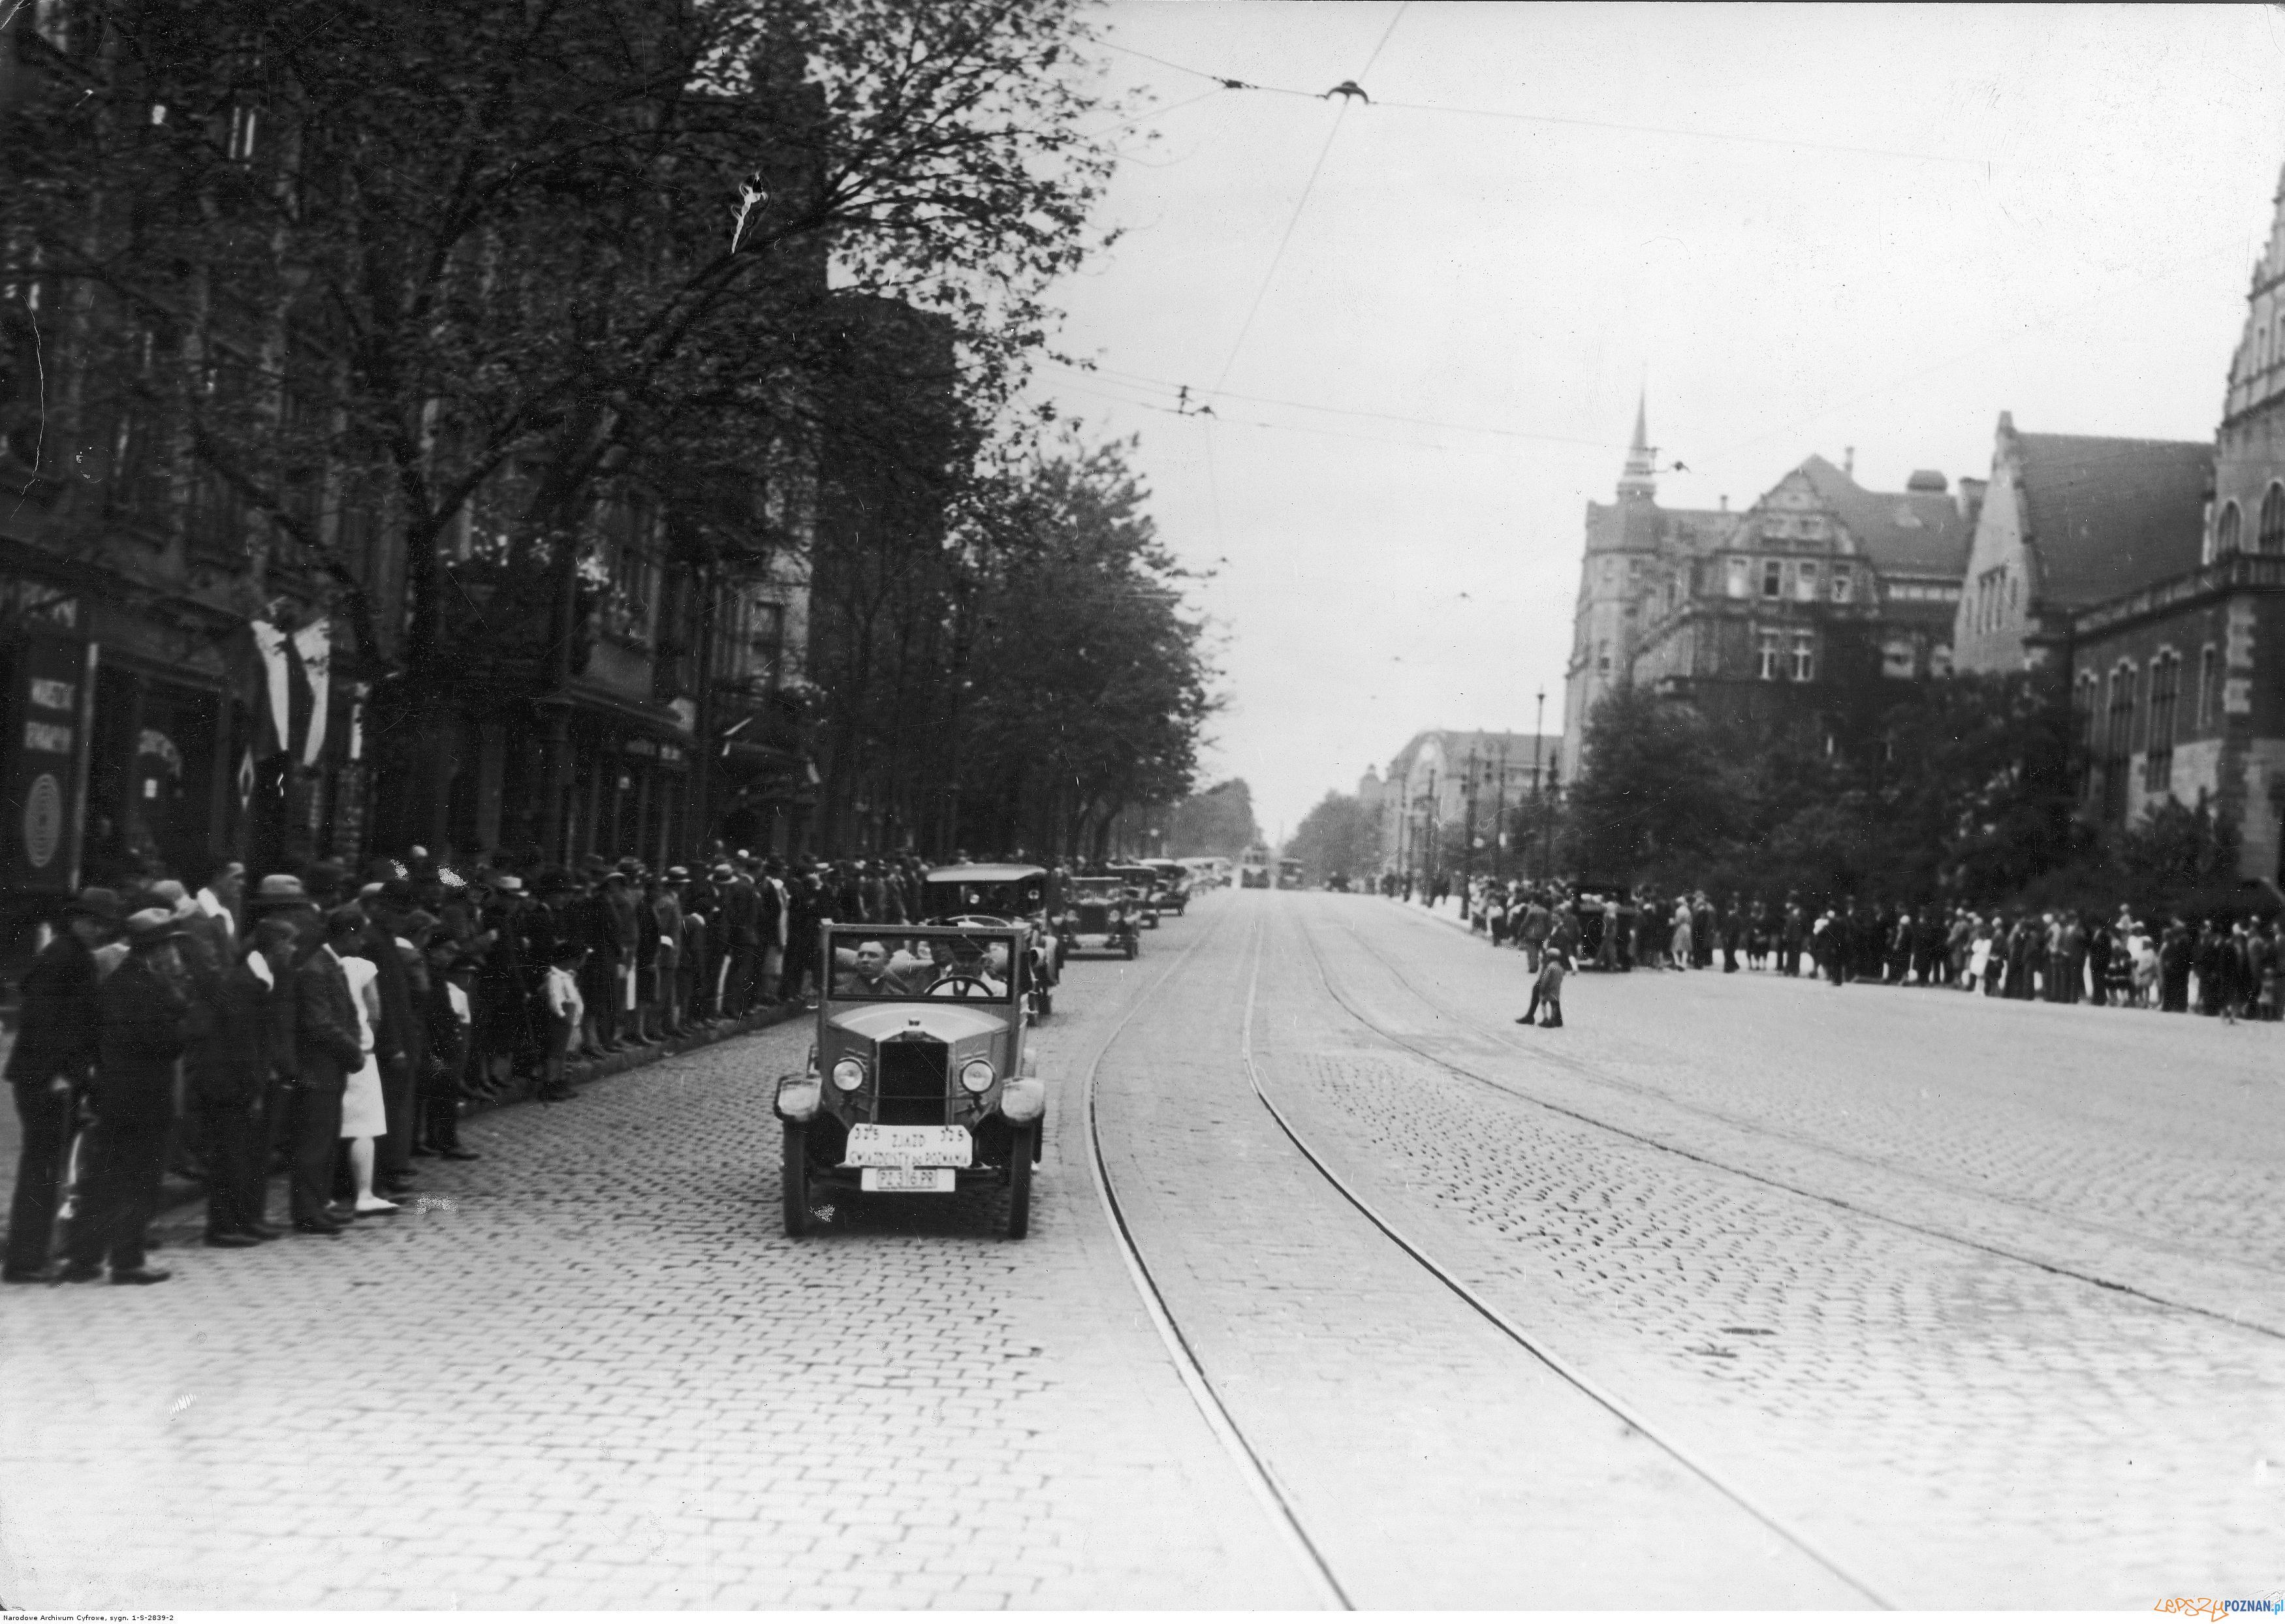 Św. Marcin - rajd gwiaździsty, lipiec 1929  Foto: NAC - Ilustrowany Kurier Codzienny / lic. CC